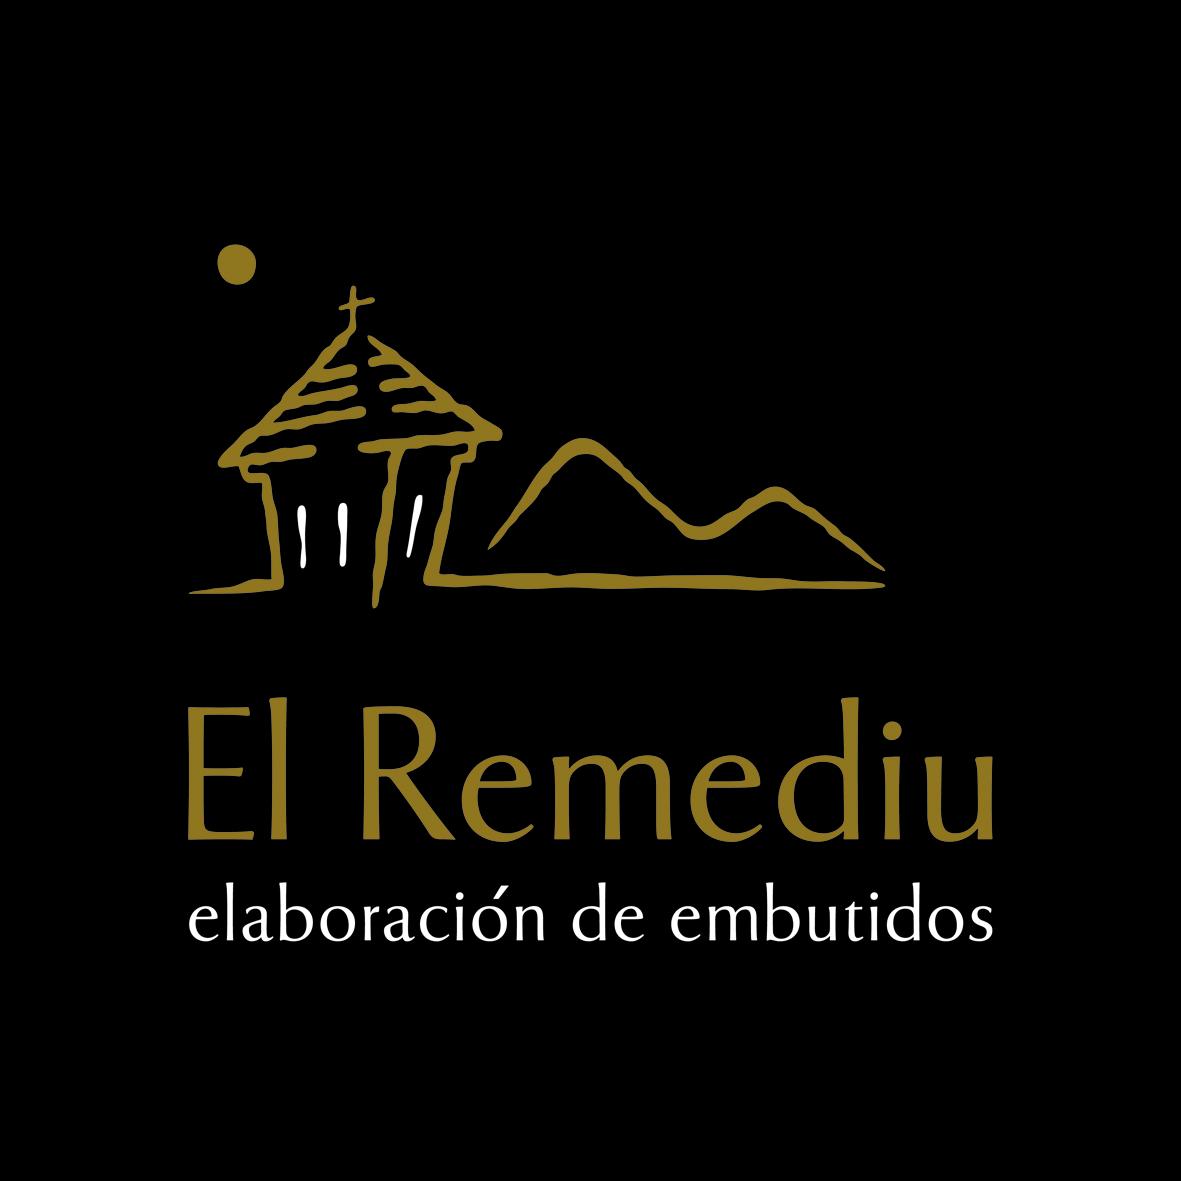 Embutidos El Remediu